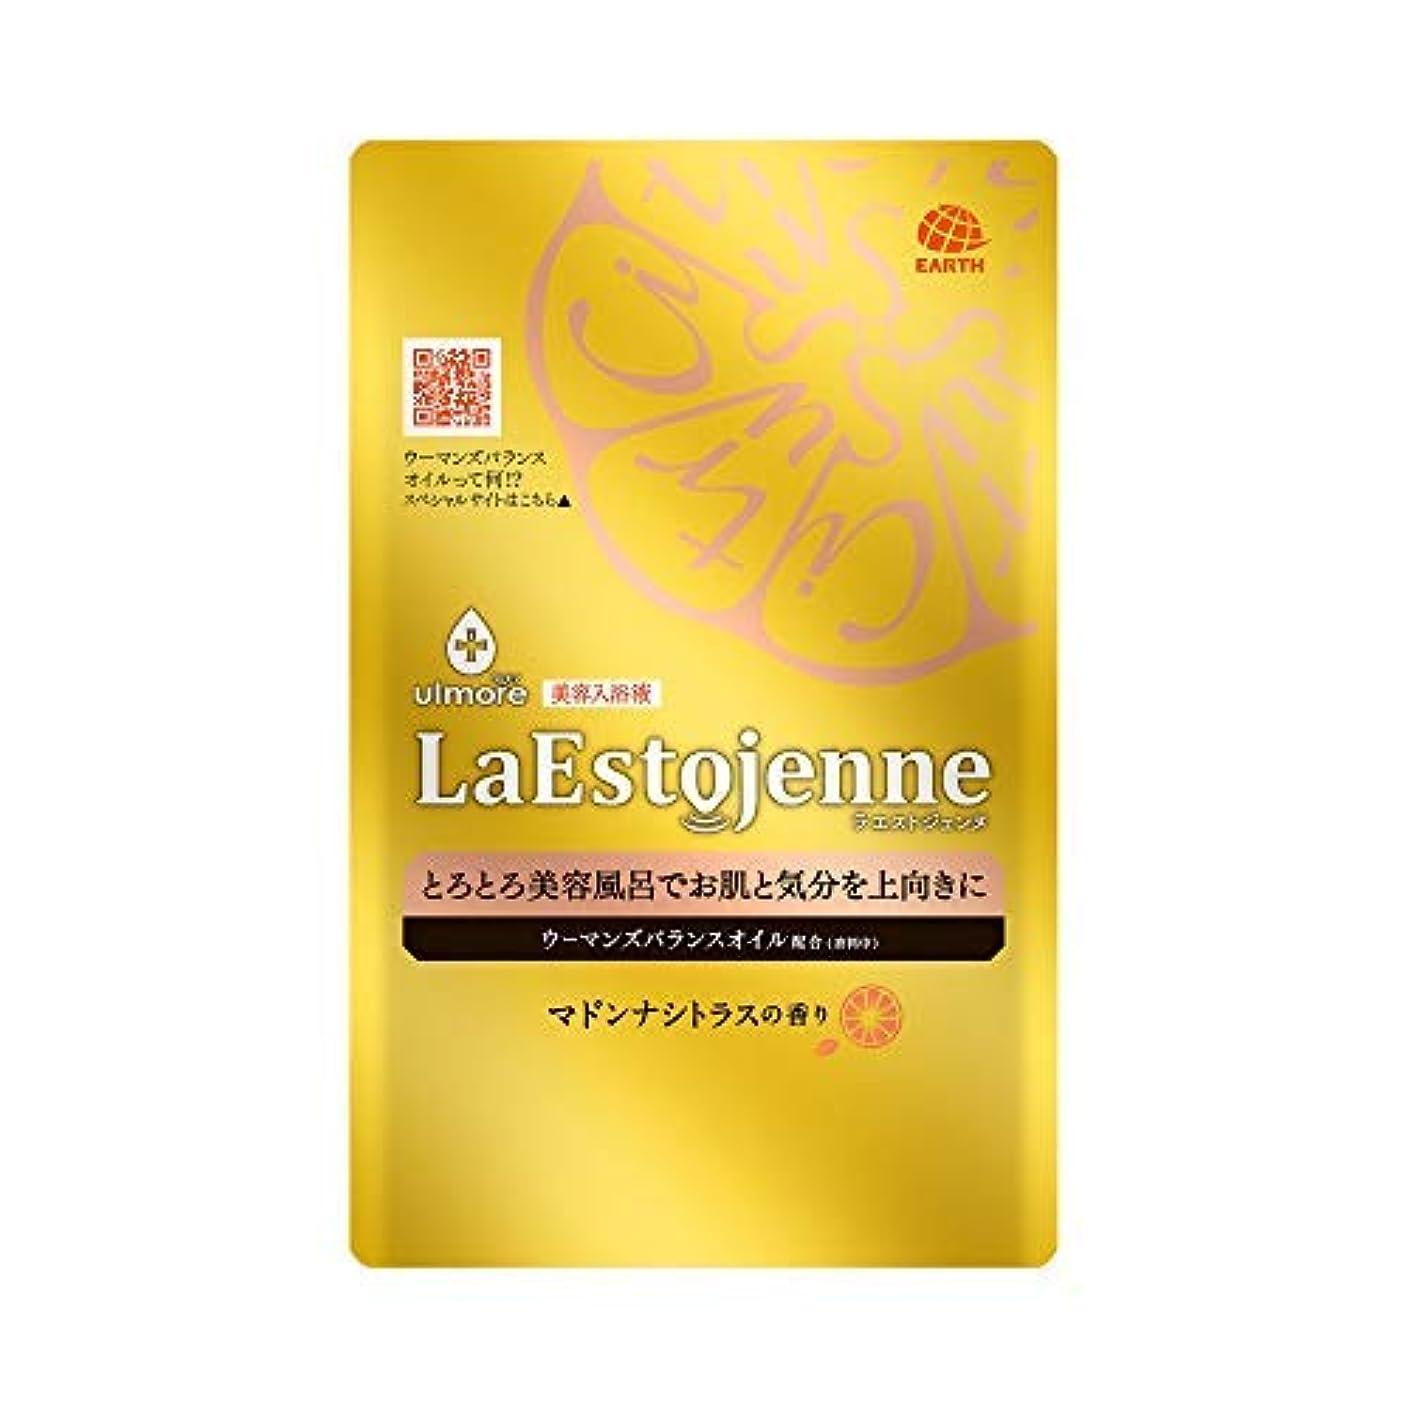 困惑する透ける良さウルモア ラエストジェンヌ マドンナシトラスの香り 1包 × 2個セット